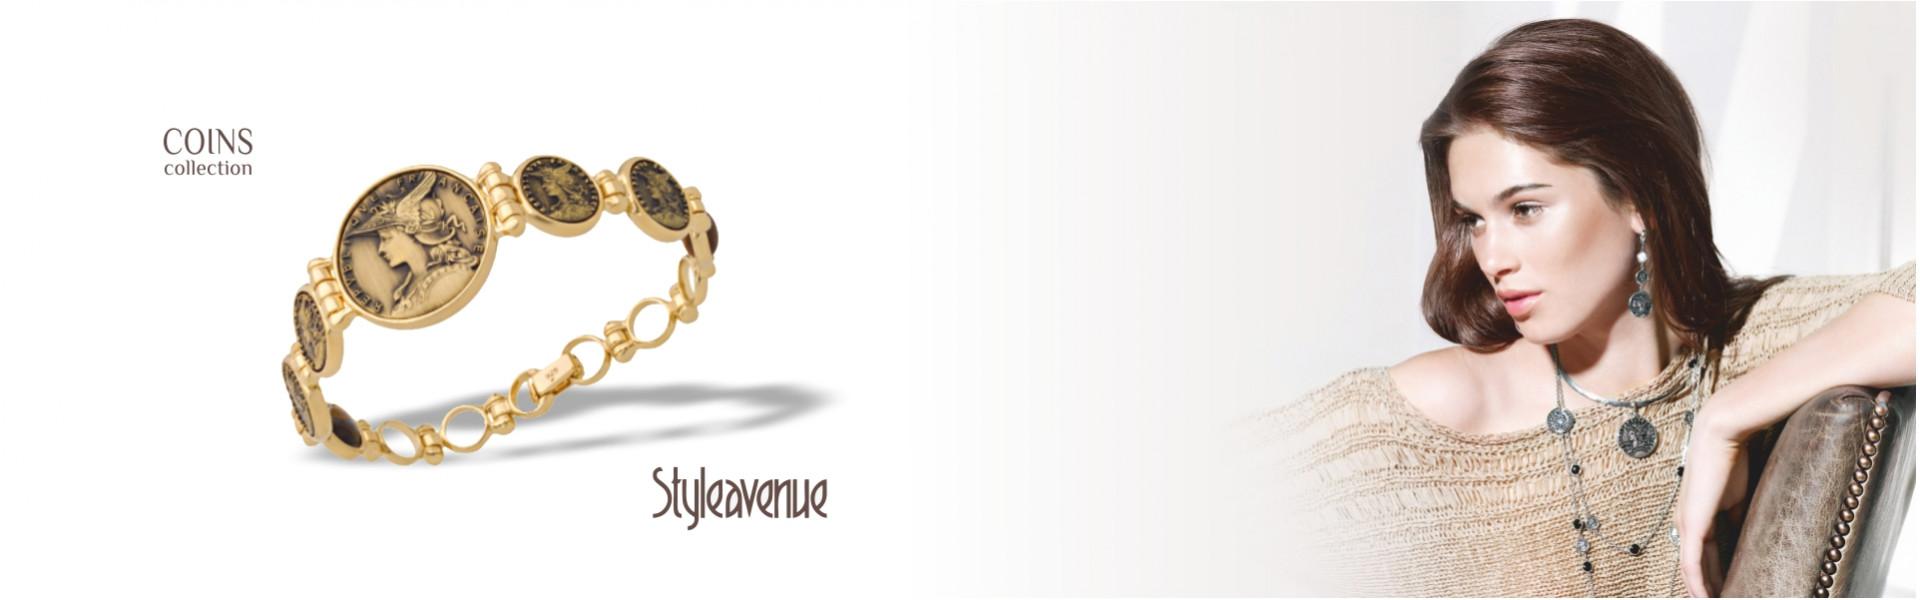 Czech jewelry production